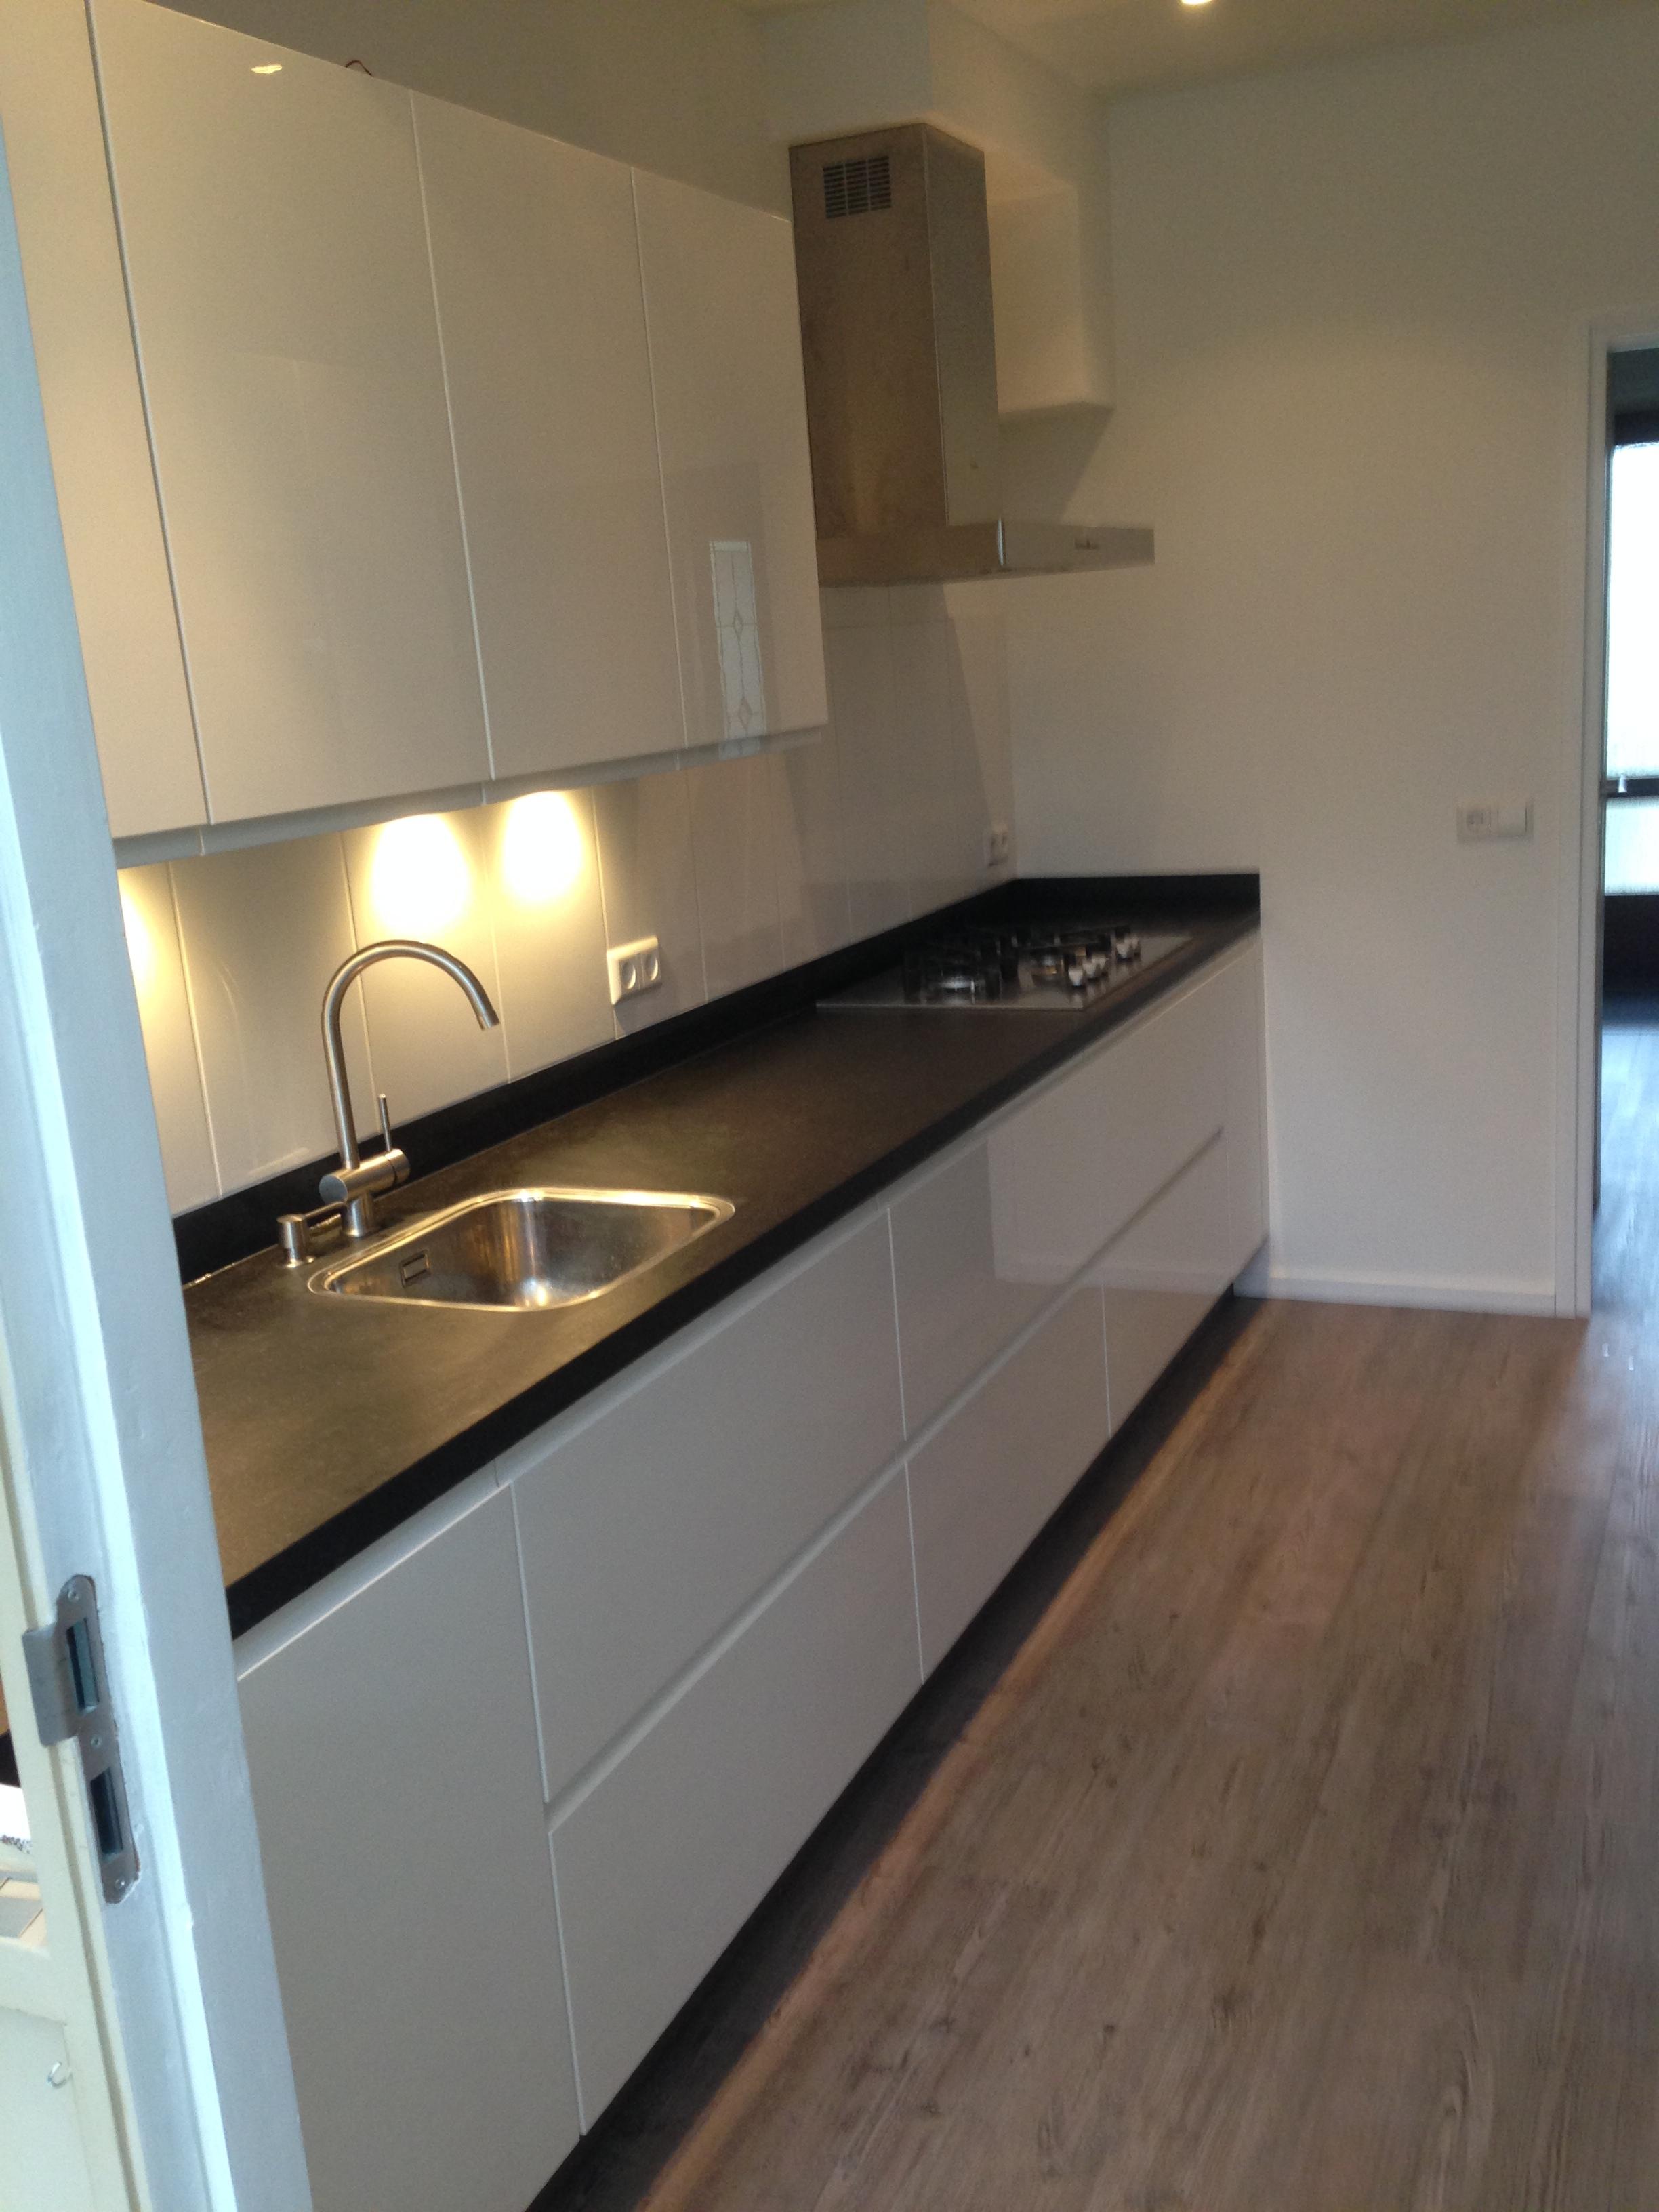 Keuken renovatie erik de graaf badkamer design - Badkamer jaar ...